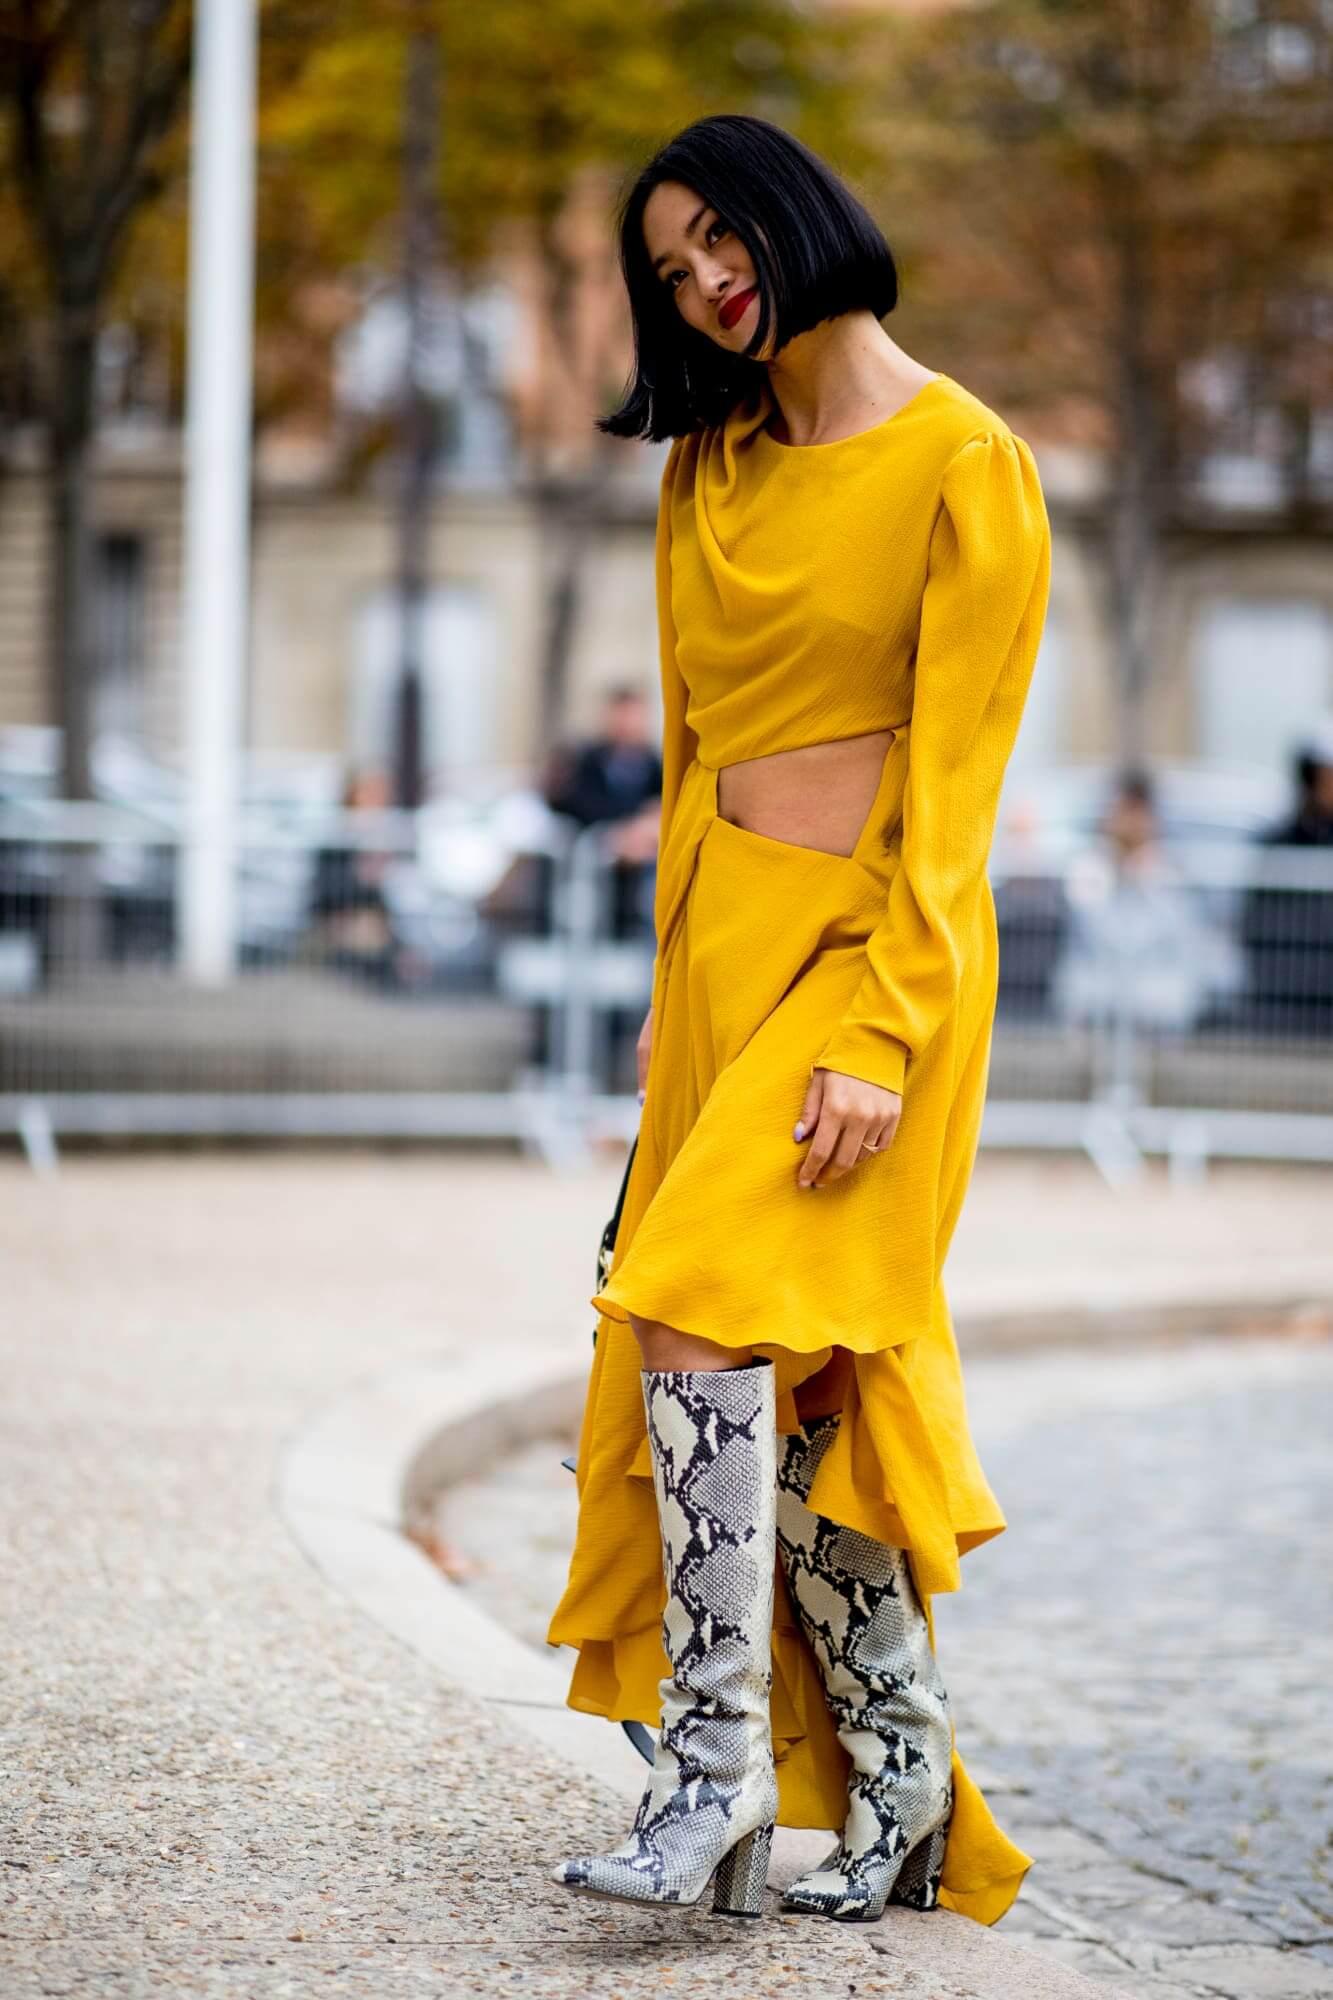 paris-fashion-week-spring-2019-street-style-day-9-35